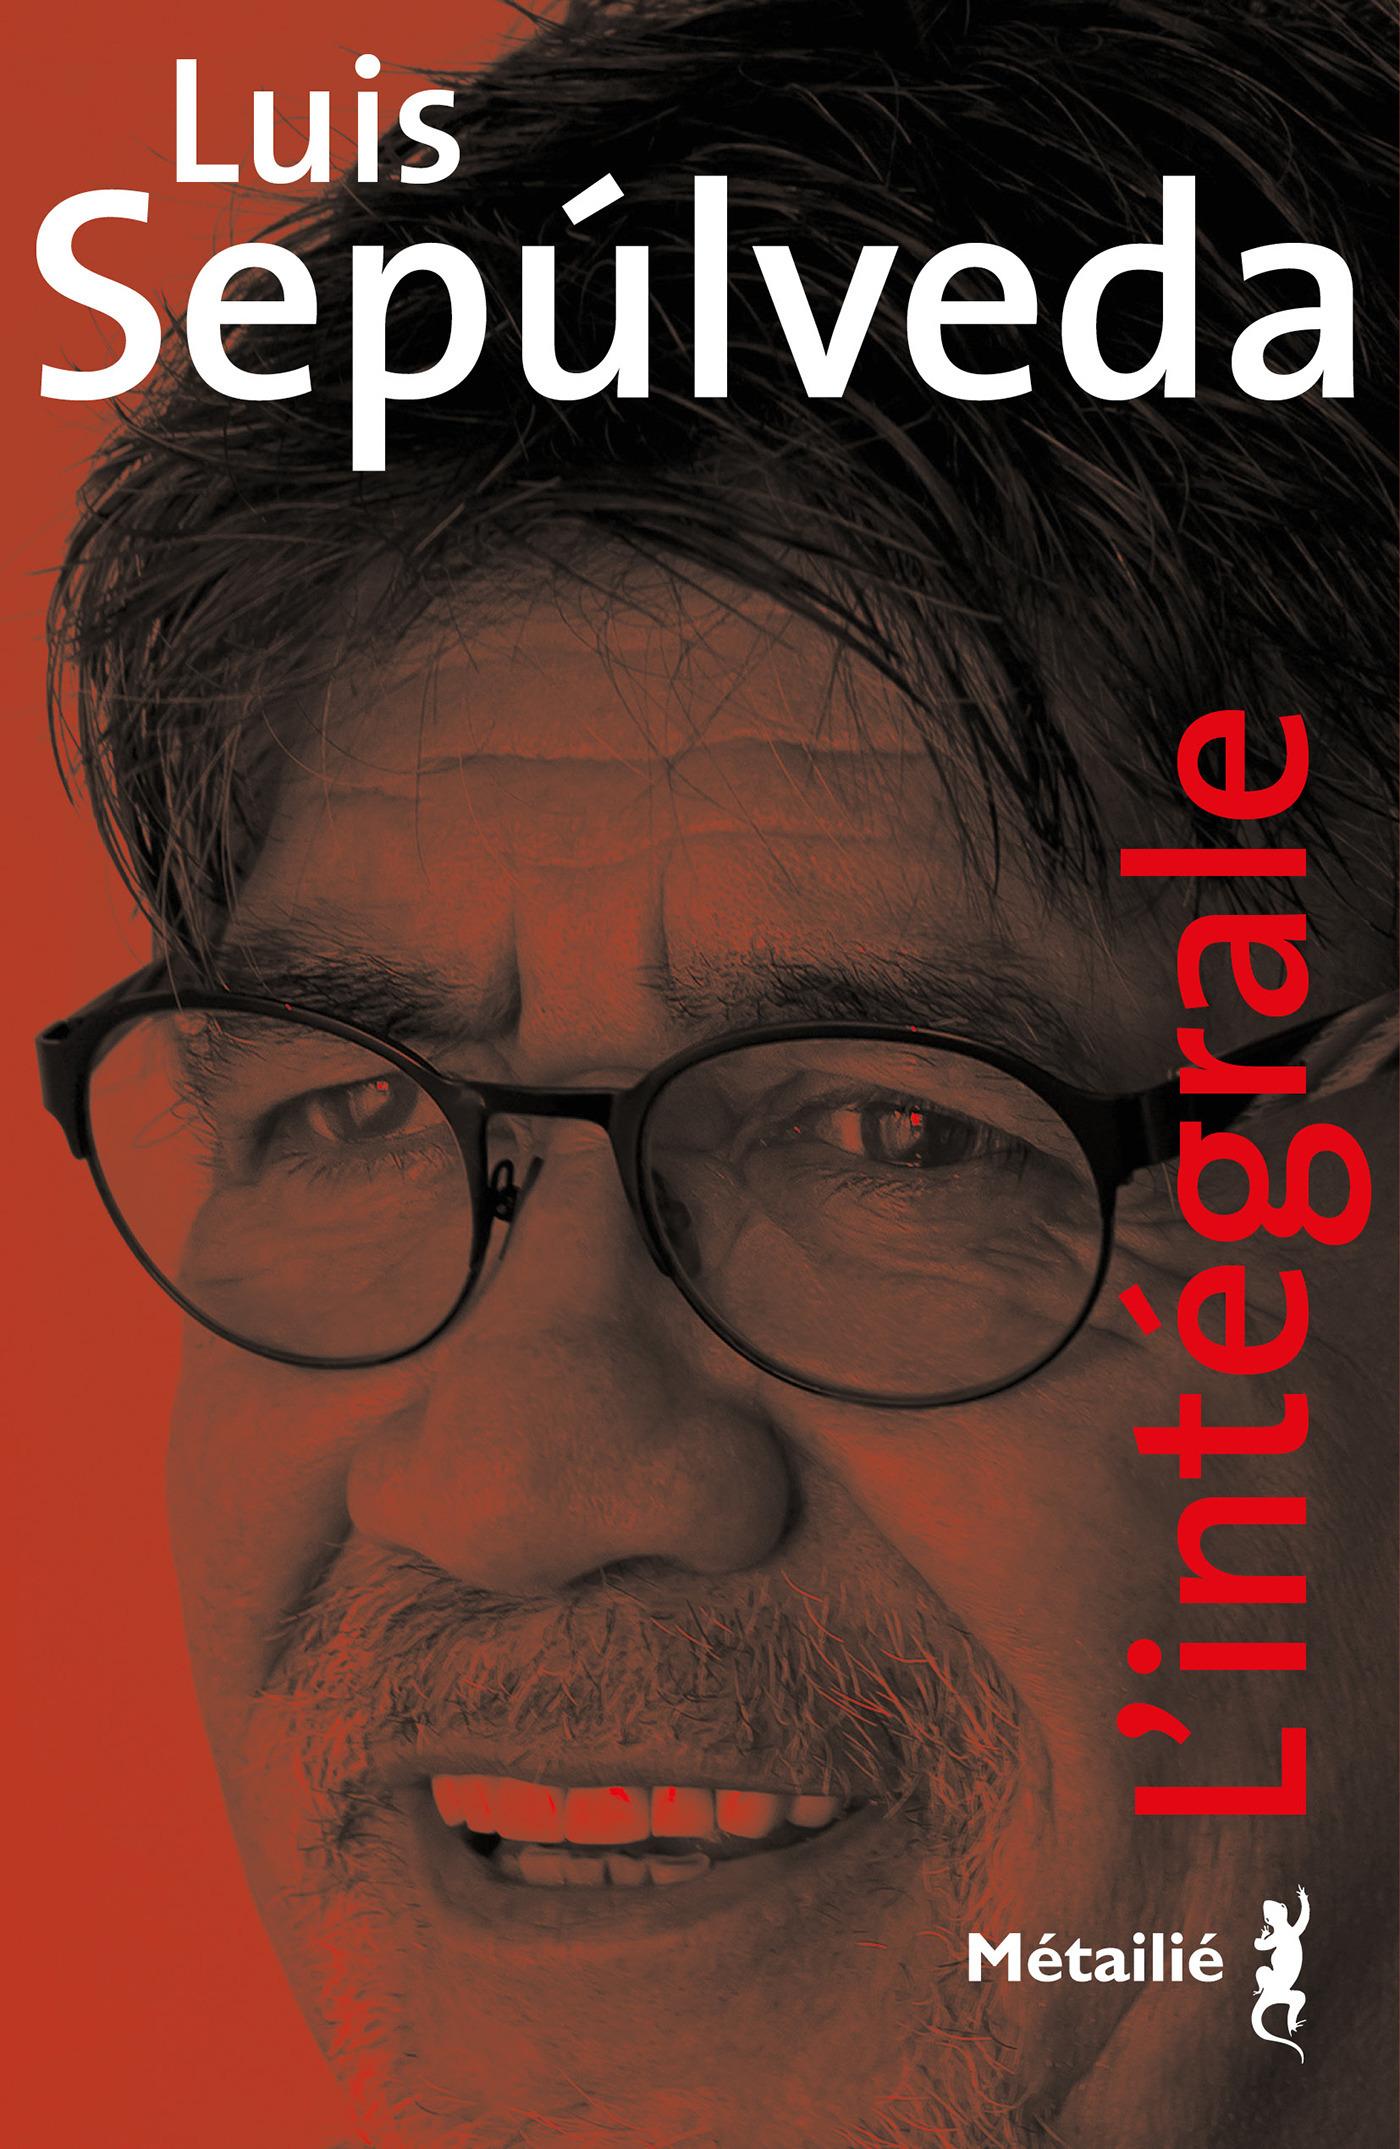 Luis Sepulveda - L'Intégrale